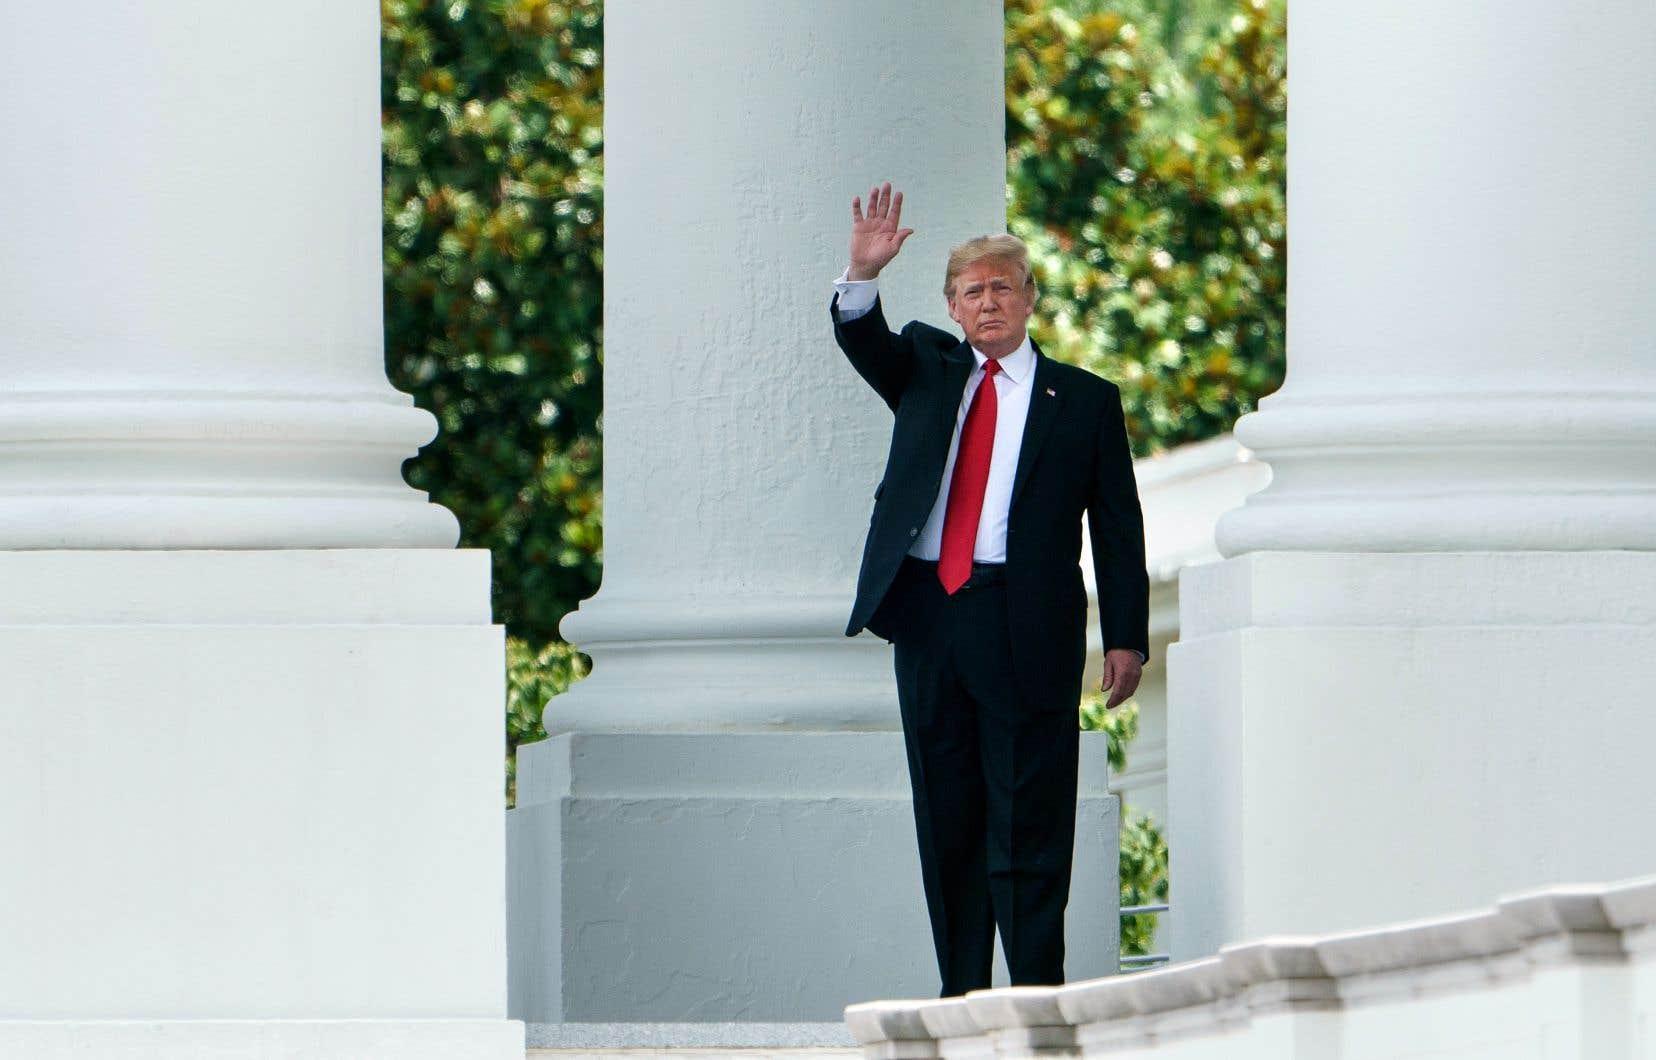 En deux tweets, sans mentionner les scandales entourant son ministre de l'Environnement, Donald Trump a annoncé avoir accepté la démission de Scott Pruitt, le 5juillet.